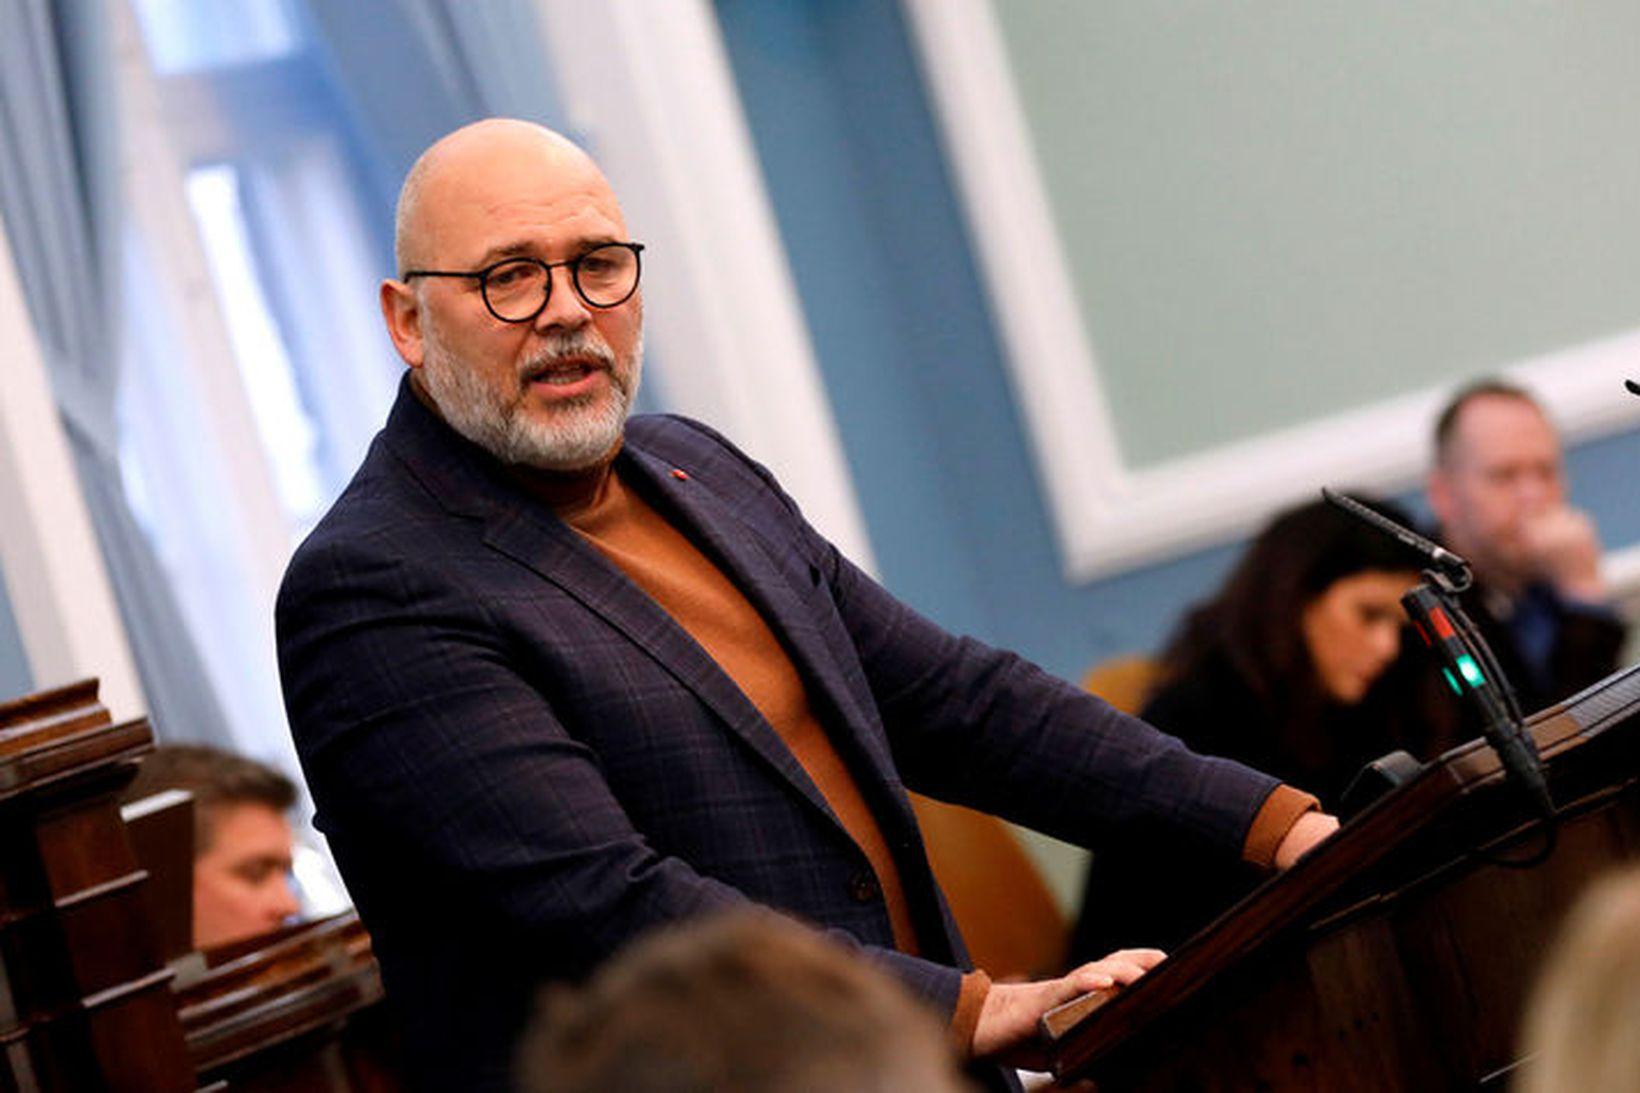 Logi Már Einarsson, formaður Samfylkingarinnar segir ríkisstjórnina knúna til þess …